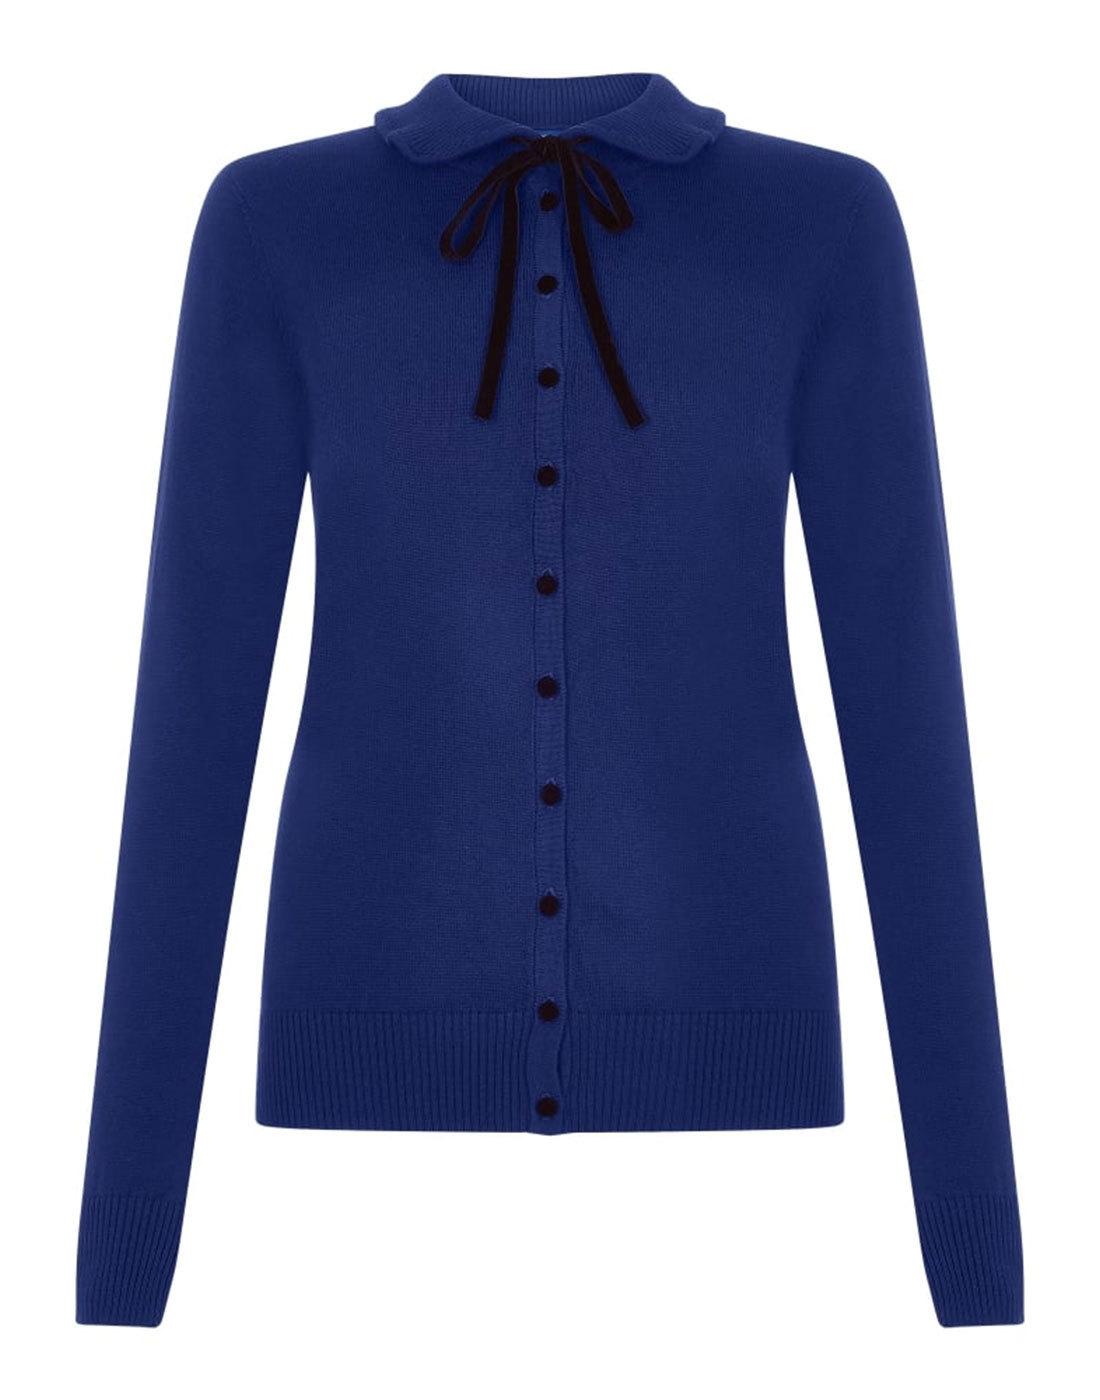 Andi COLLECTIF VINTAGE 1960s Mod Bolo Tie Cardigan